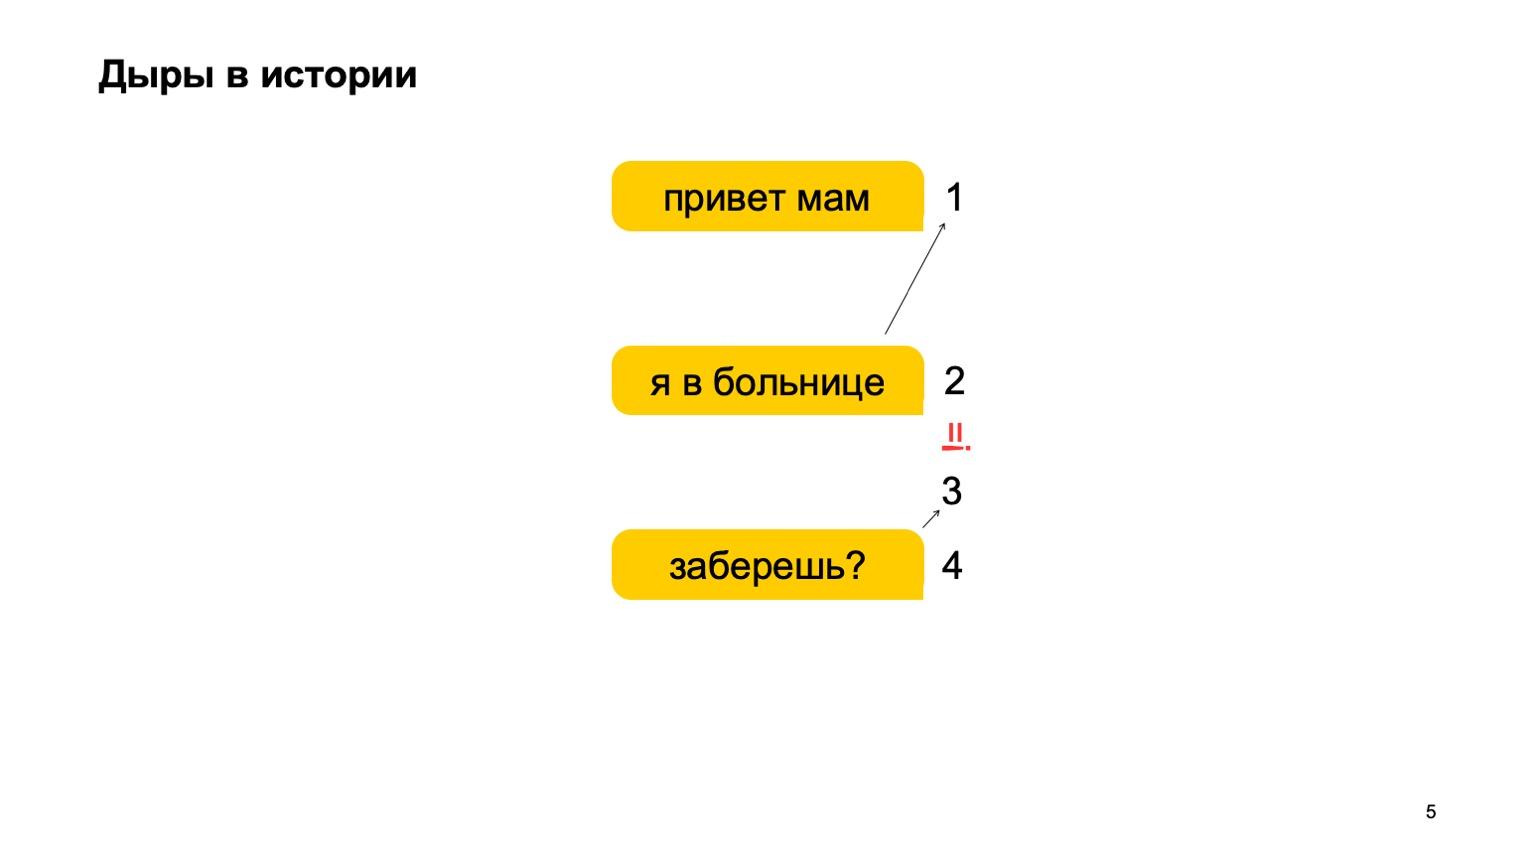 Мобильная разработка — это просто и скучно? Доклад Яндекса - 5